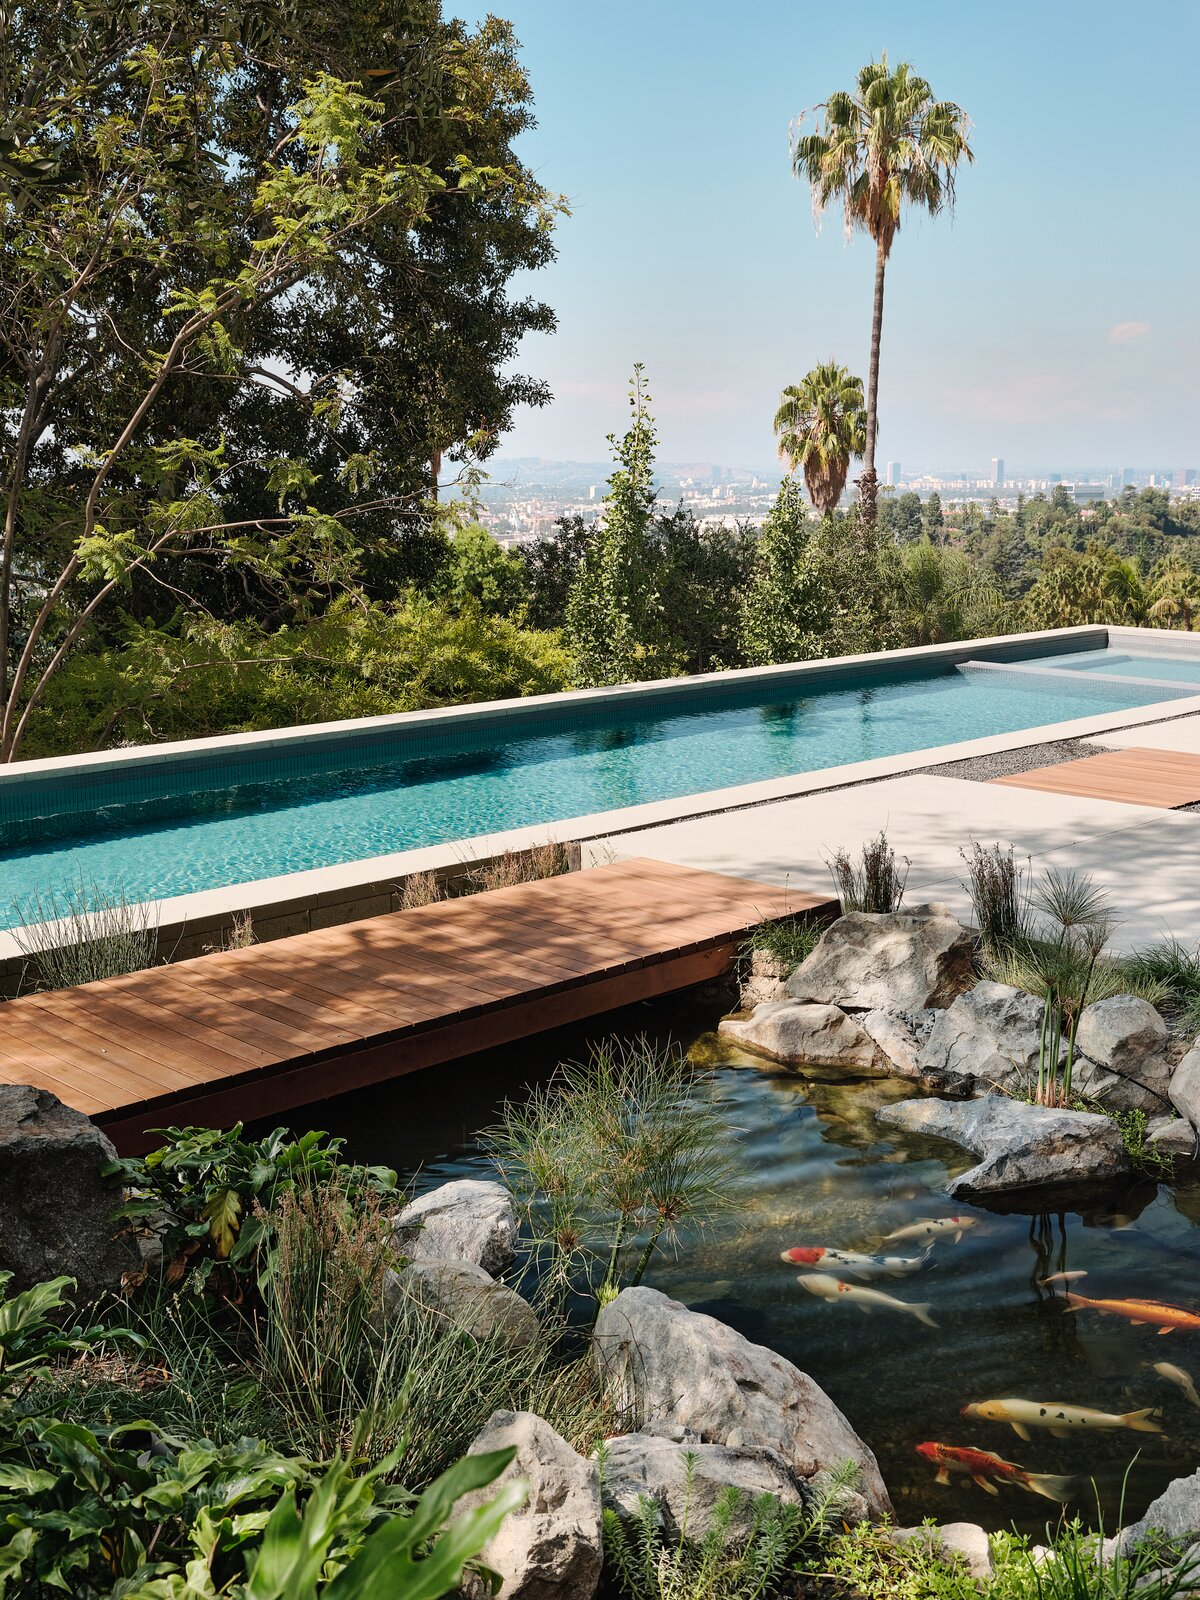 Moore House Restoration by Woods + Dangaran pool